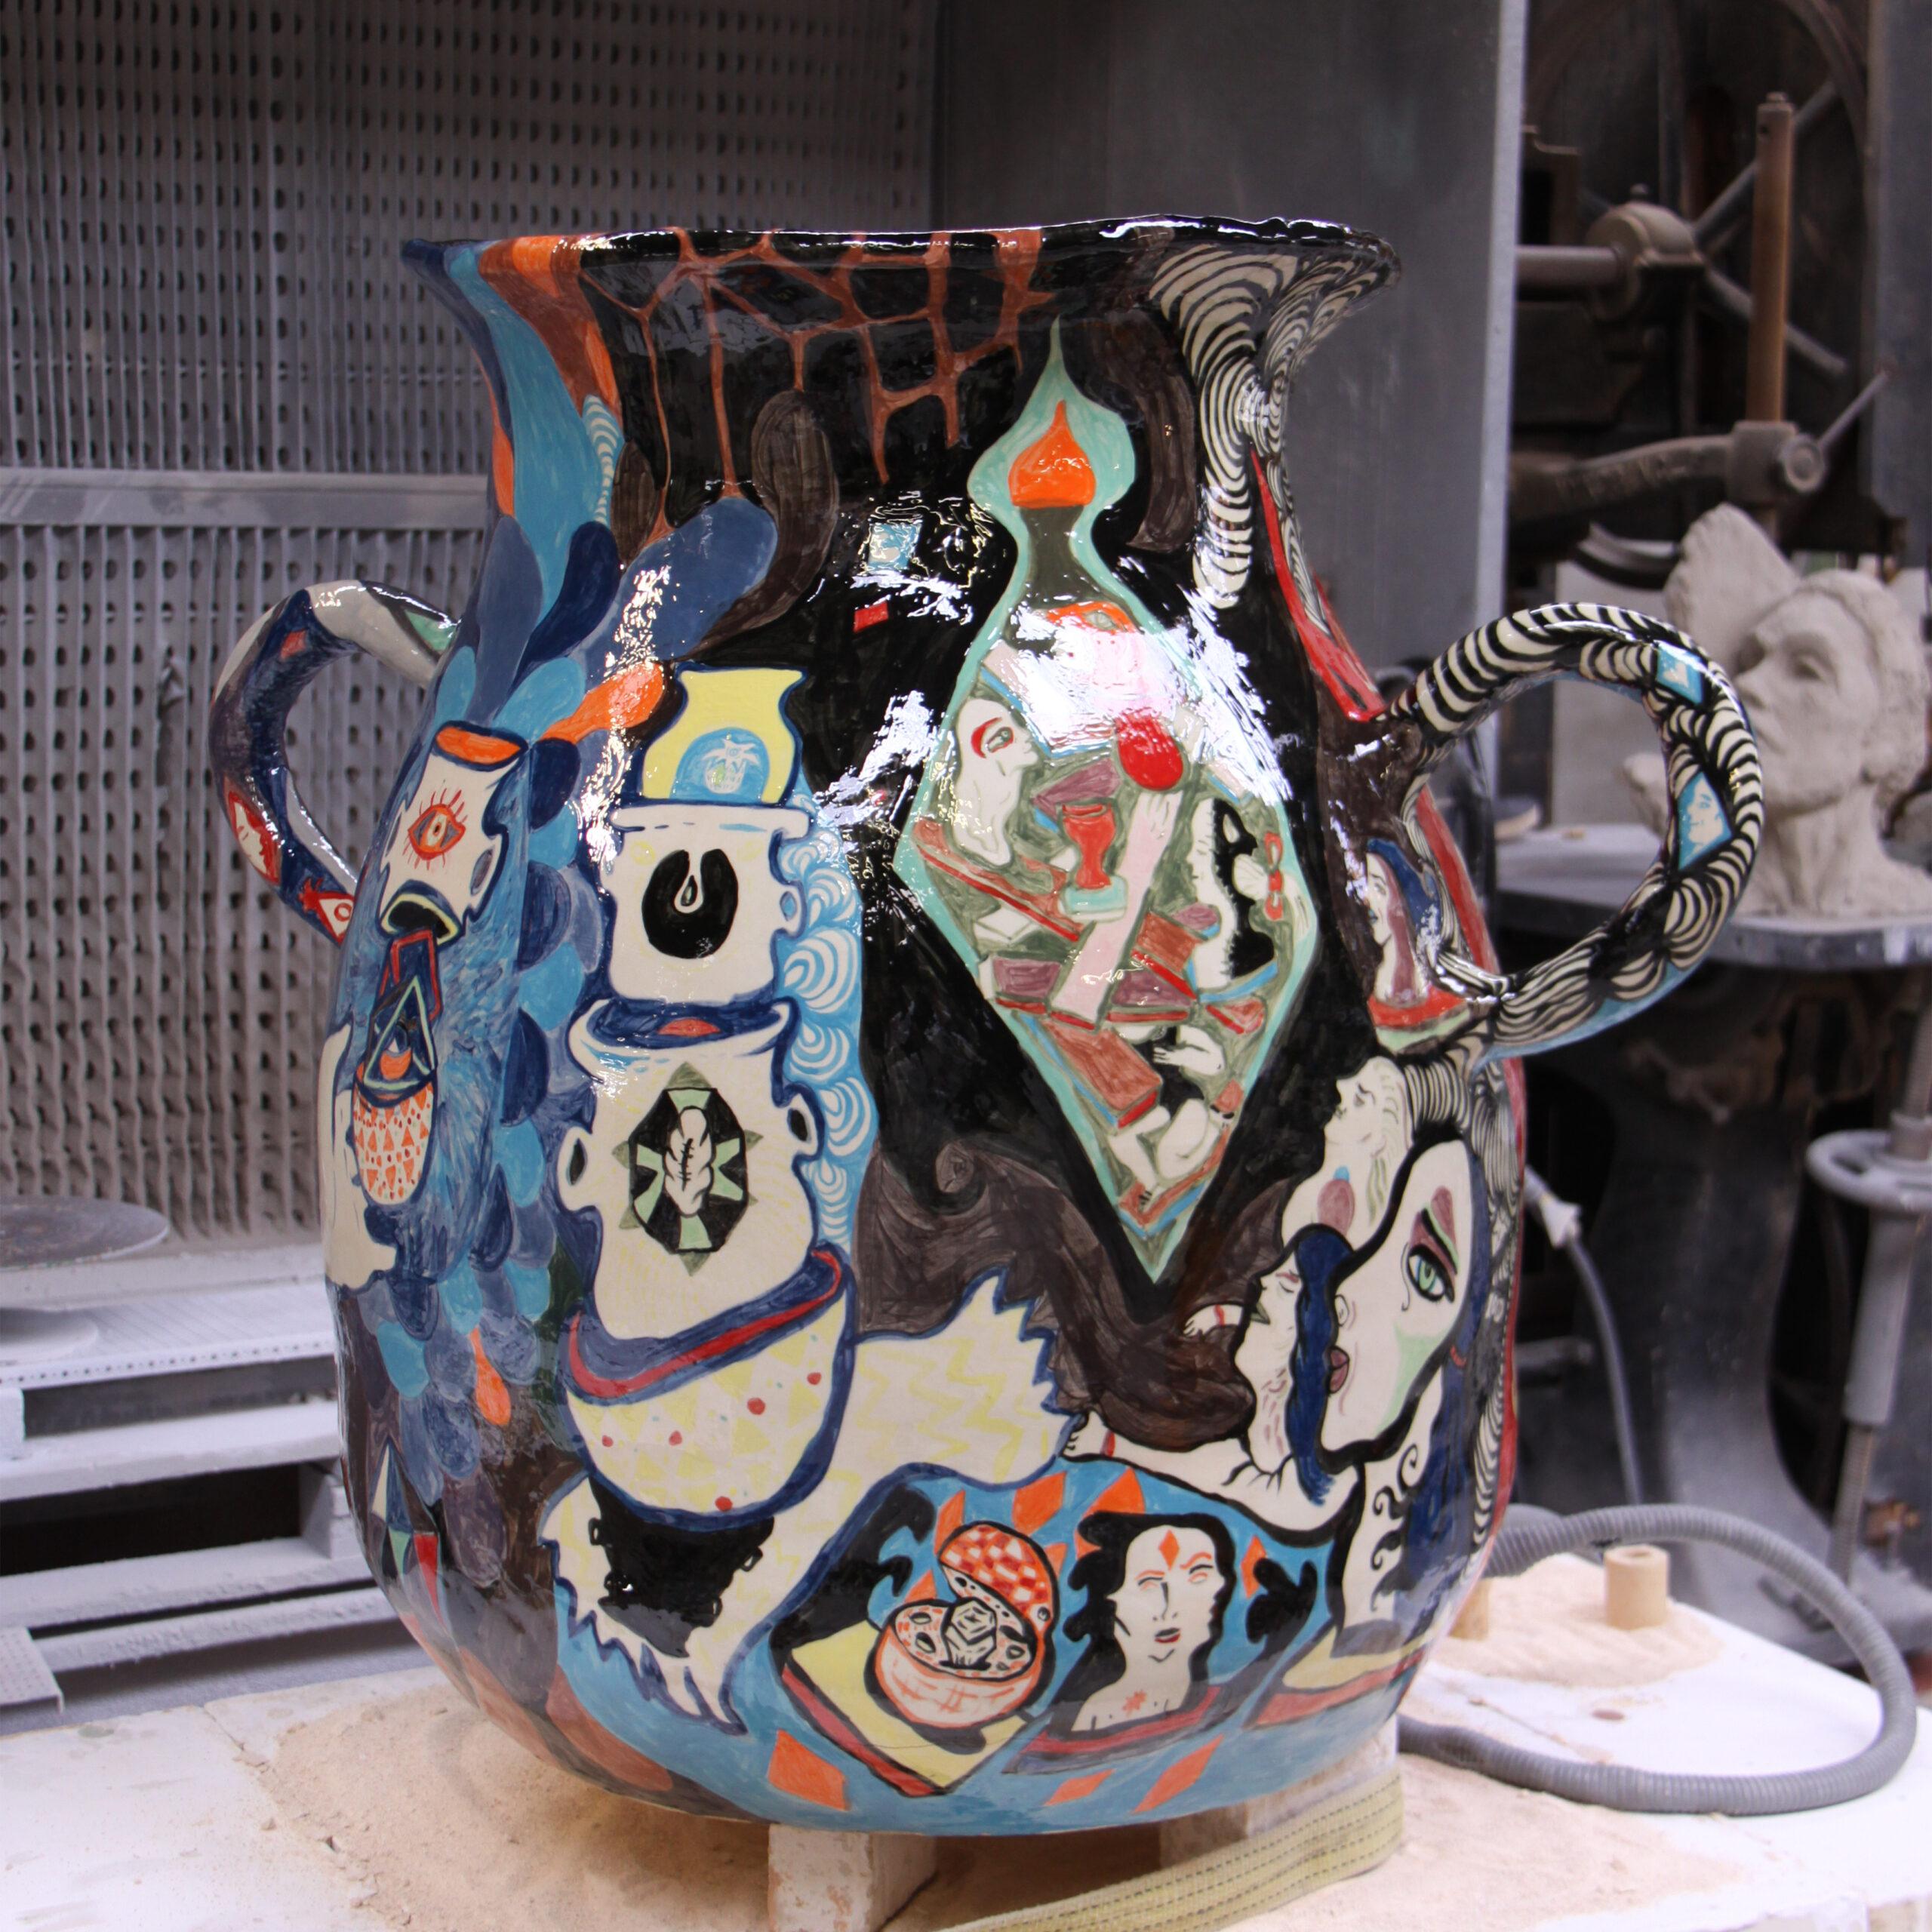 Ida Kvetny f. 1980 Krukke 1 m, fajance Tommerup keramiske værksted 2011